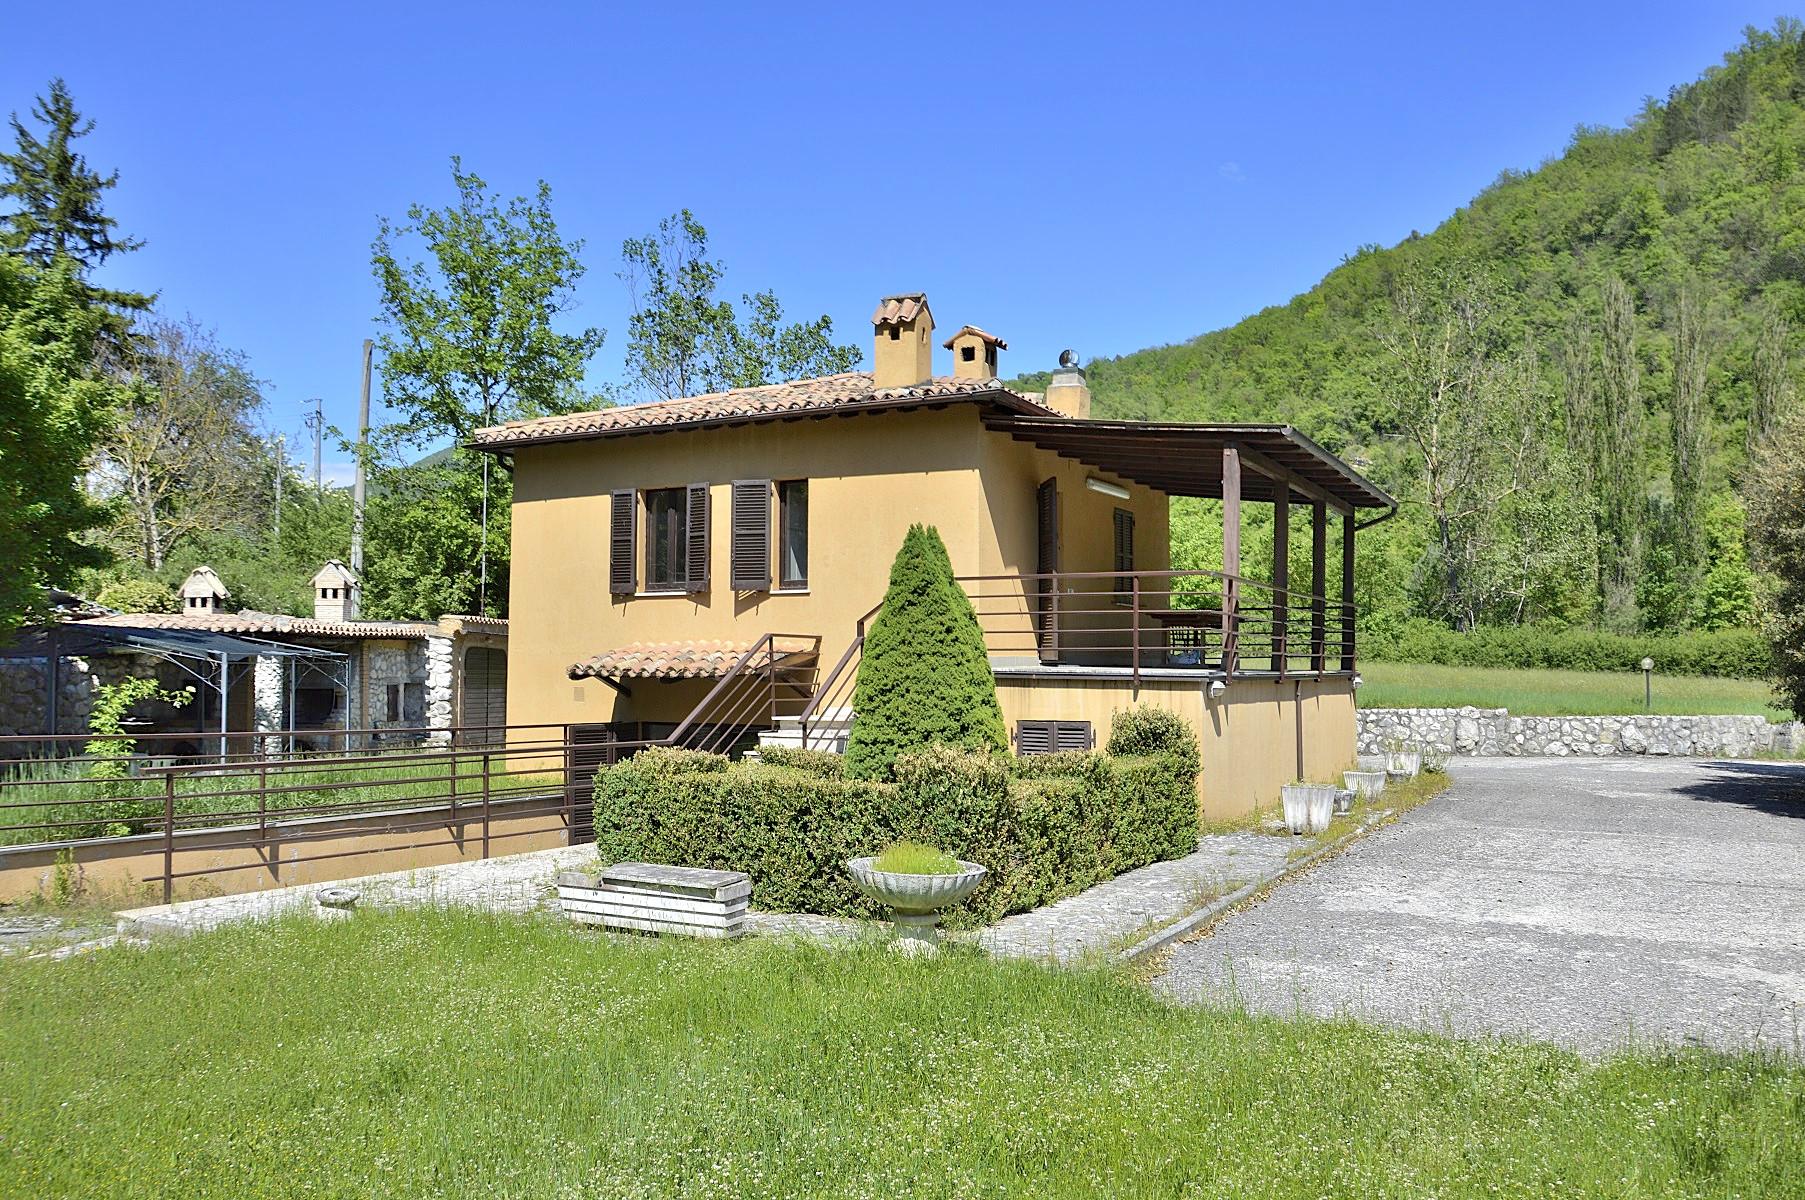 Villa in vendita a Cerreto di Spoleto, 5 locali, zona Località: BorgoCerreto, prezzo € 160.000 | Cambio Casa.it